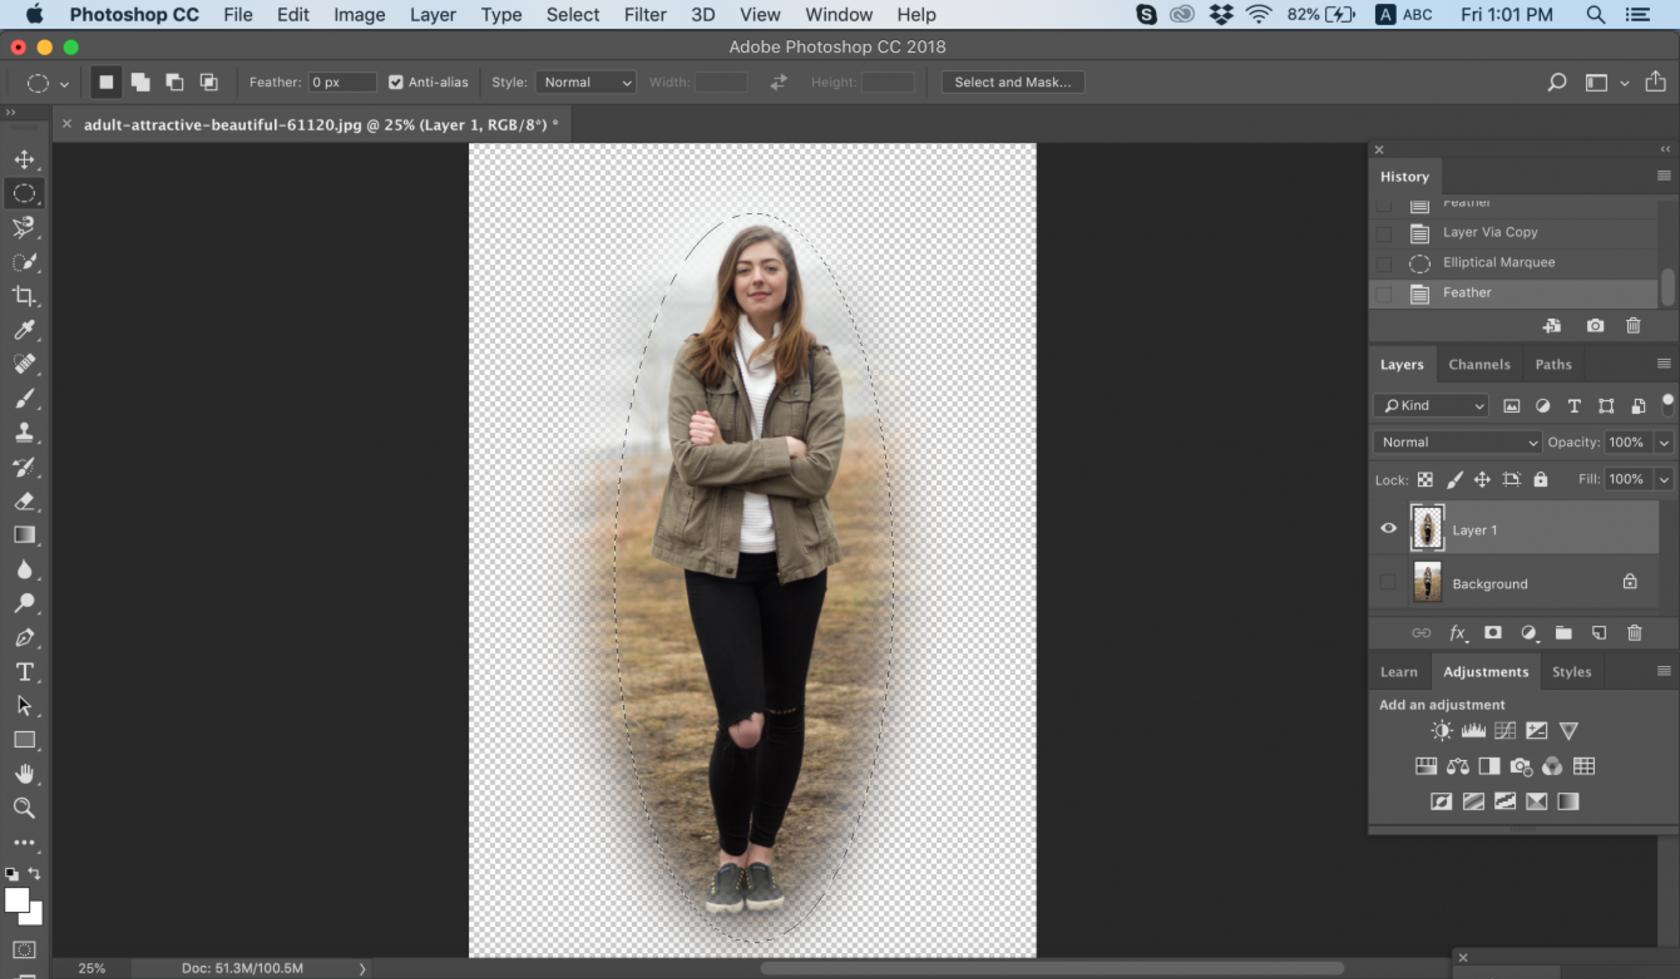 como suavizar bordes en photoshop cs5, como suavizar bordes photoshop, suavizar bordes photoshop cs6, como suavizar bordes en photoshop cc, como suavizar los bordes de una capa en photoshop, suavizar bordes en photoshop cc